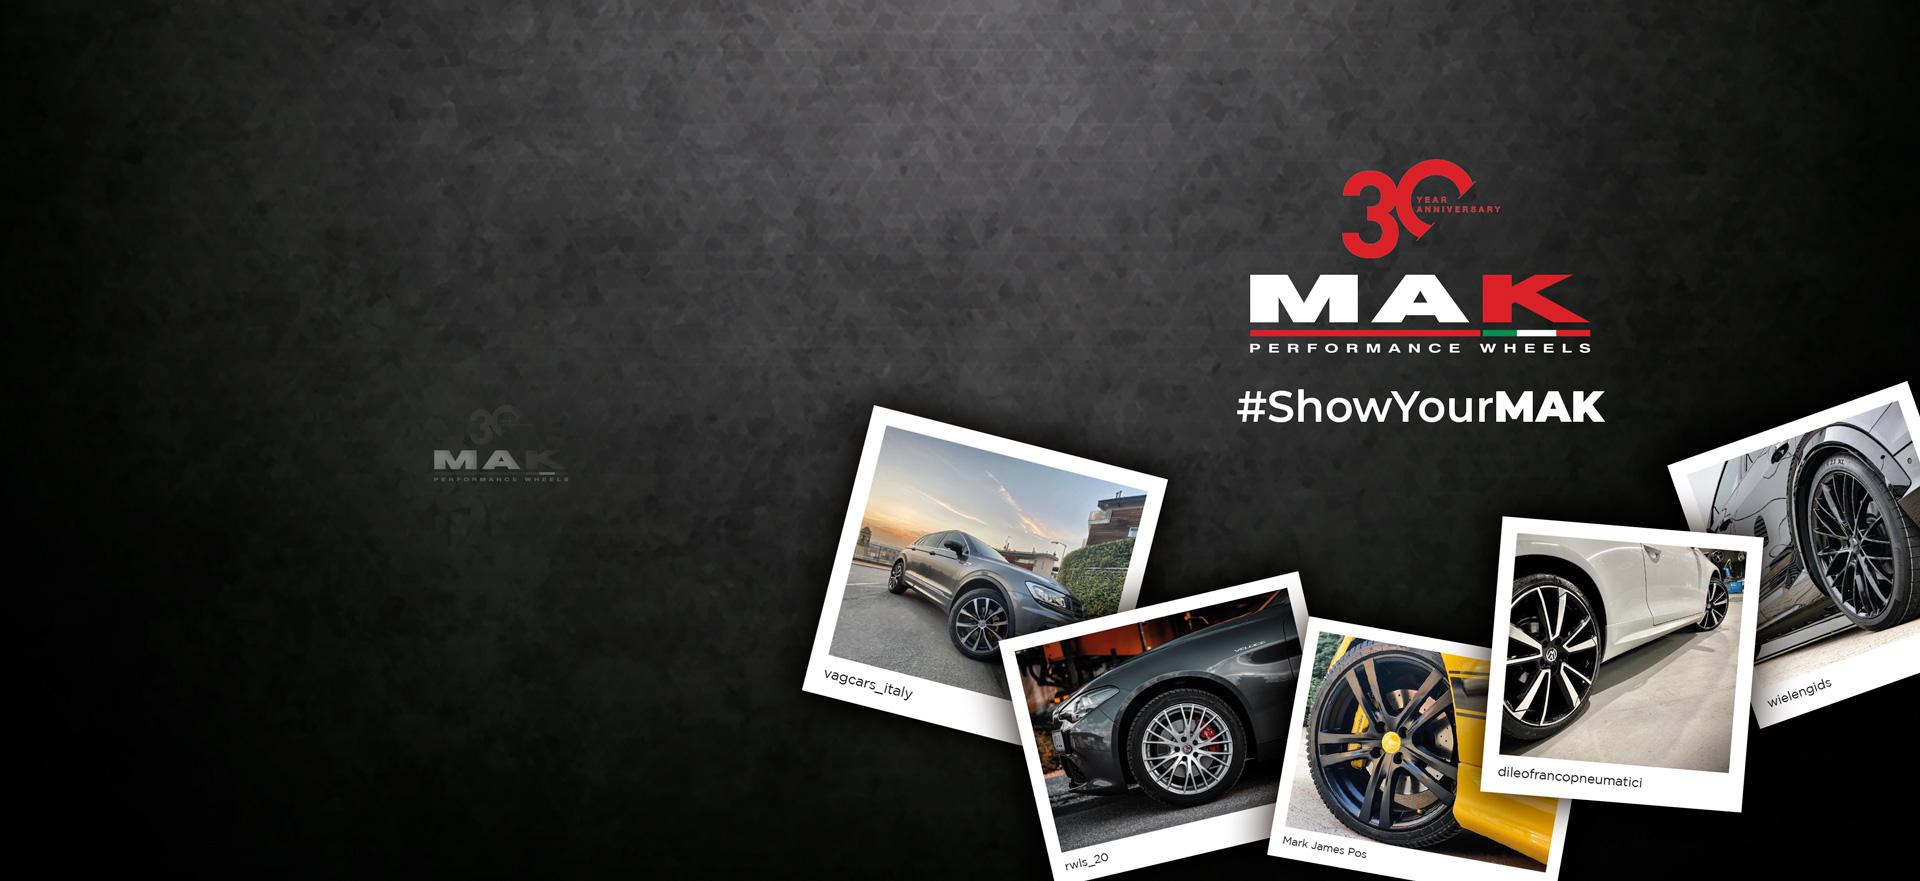 #showyourMak campagna digital Soluzione Group per Mak